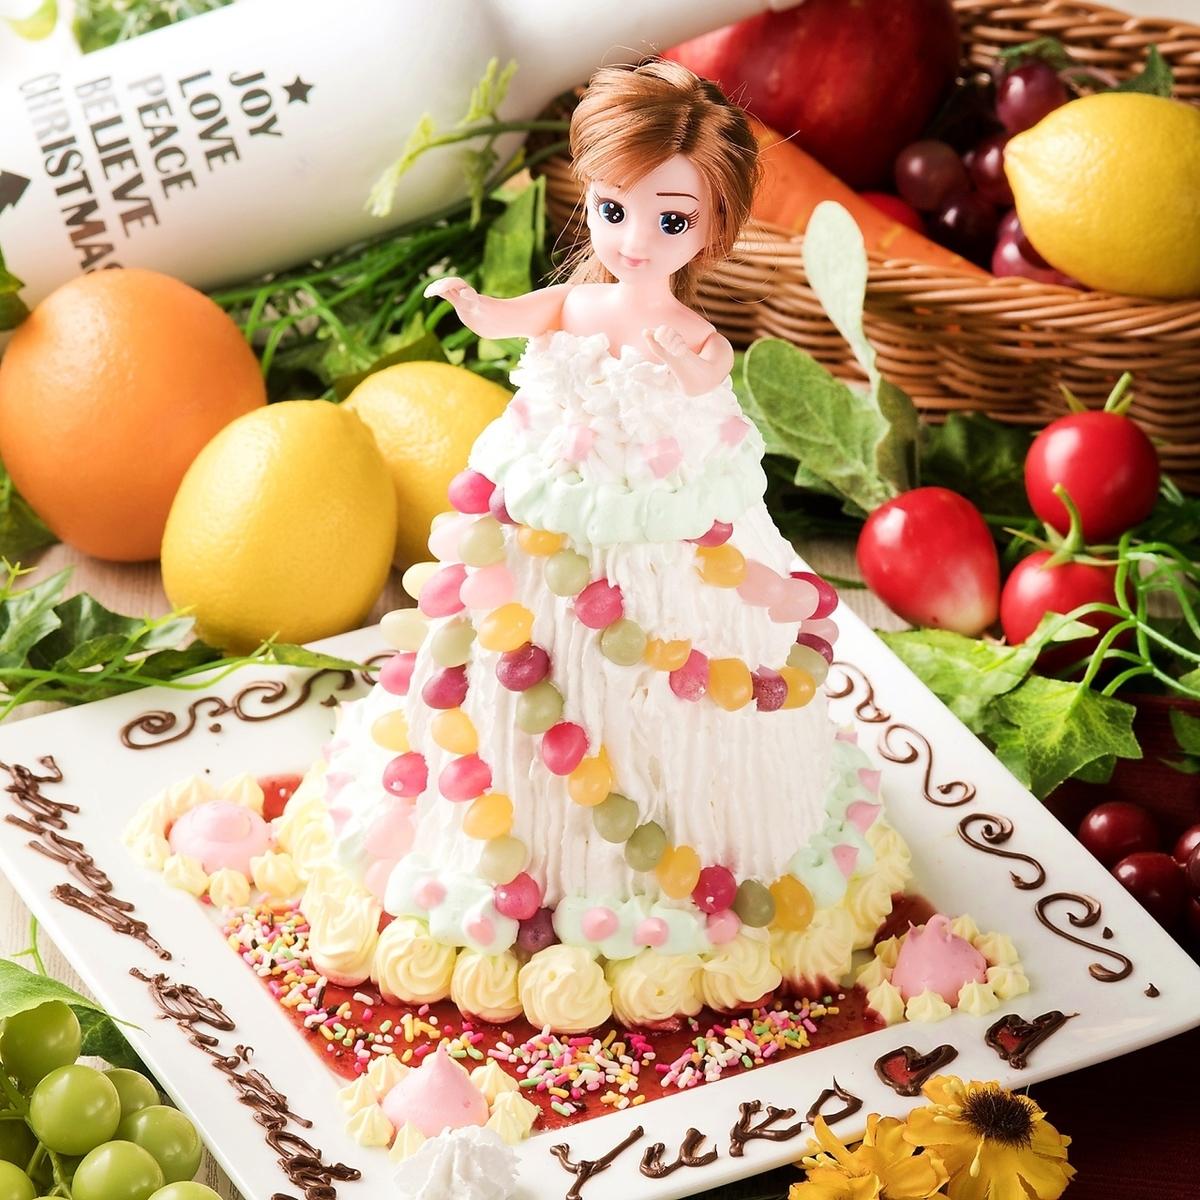 포토 제닉 ♪ 인형 케이크 등장 ☆